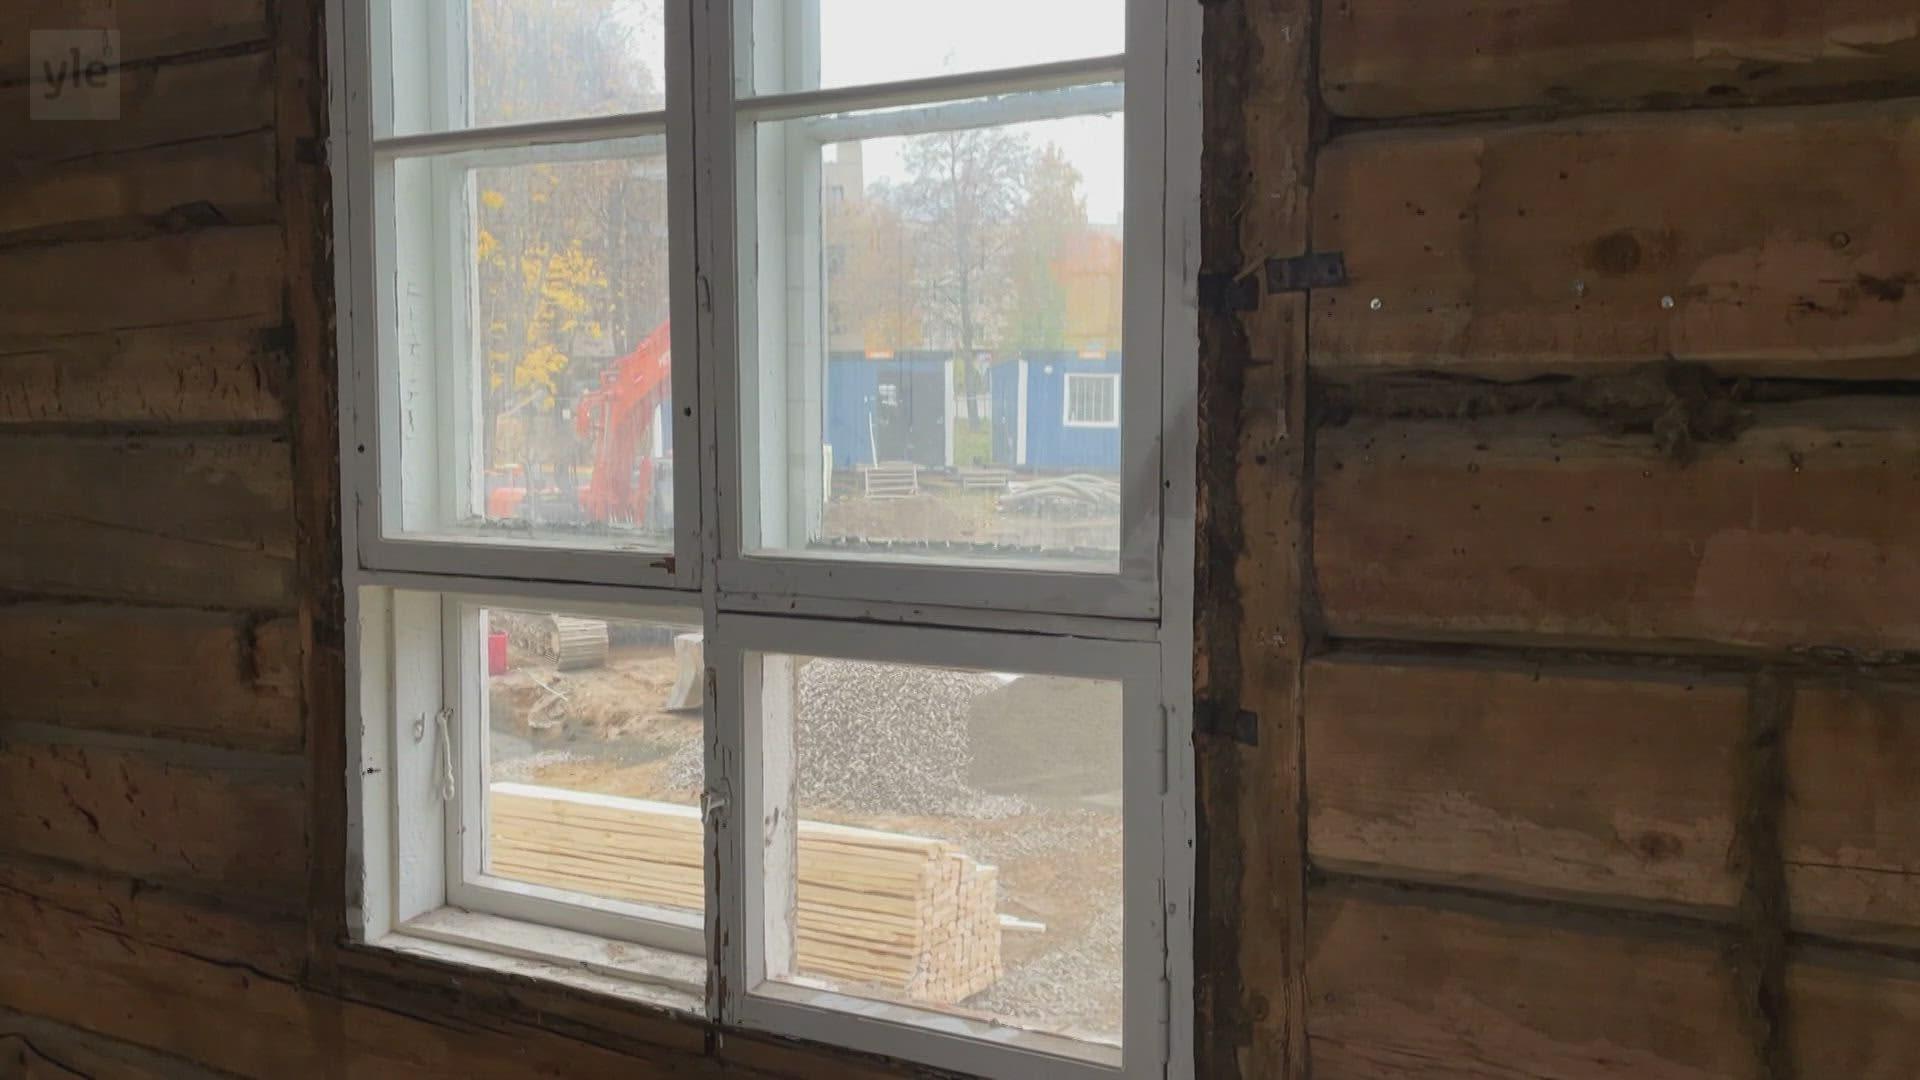 Kurkista Sissilinnan remontin kulissien taakse: tältä näyttää riisuttu sisäpuoli.